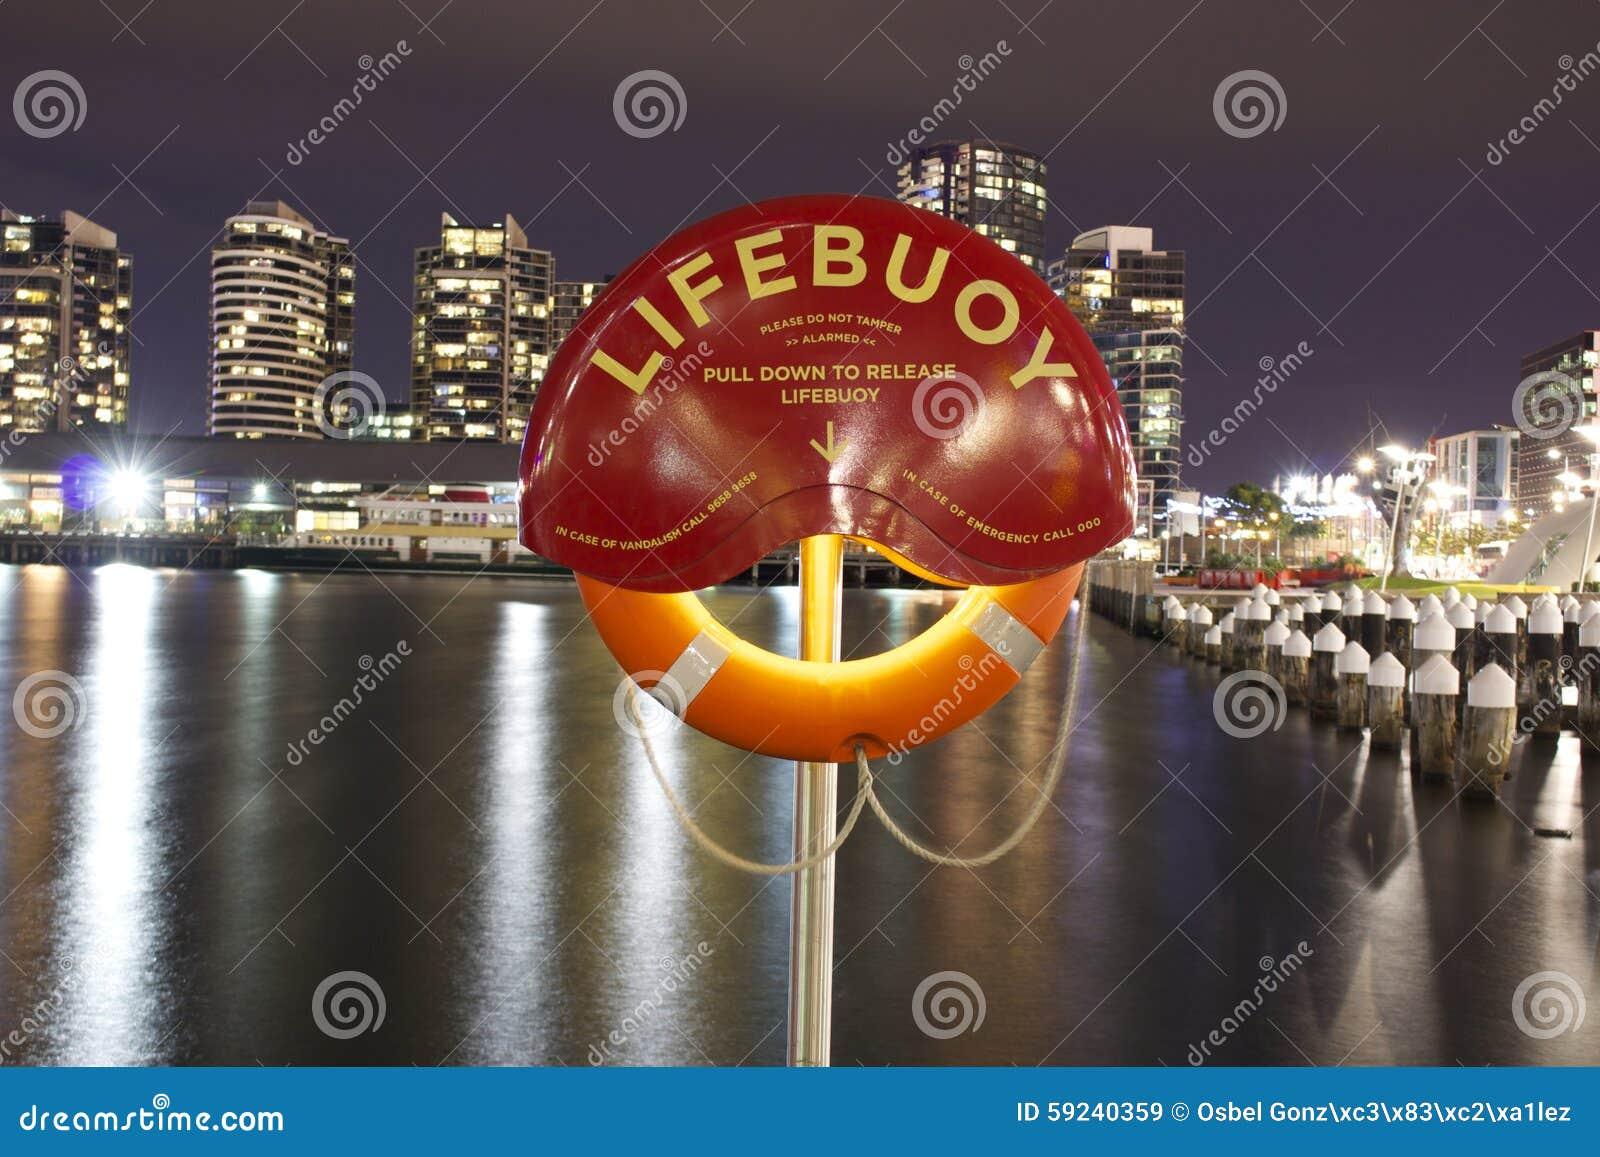 Download Salvavidas Melbourne imagen de archivo. Imagen de largo - 59240359